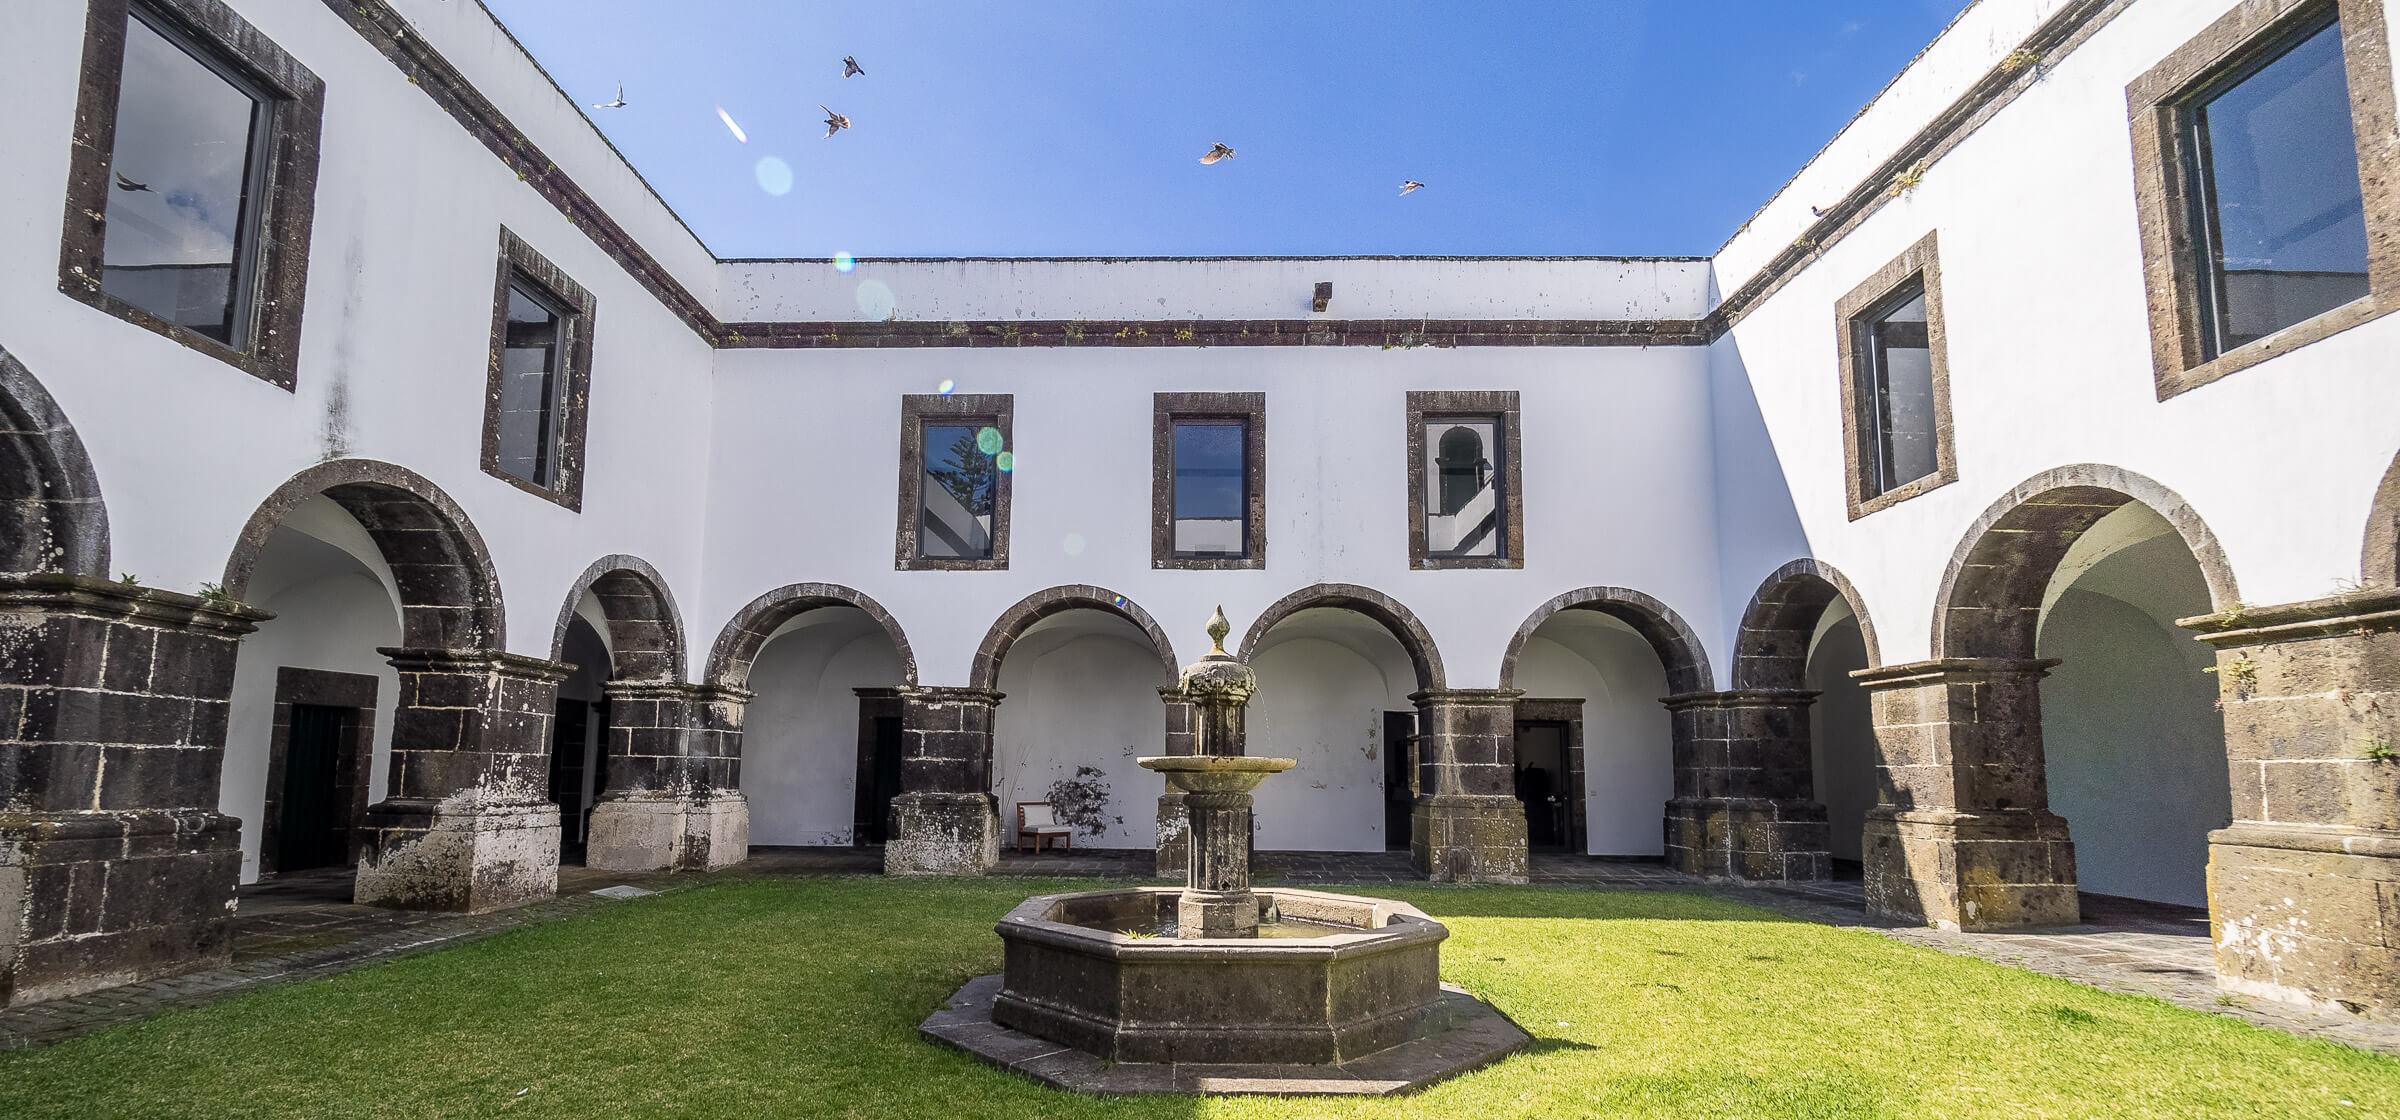 Convento de São Francisco on Sao Miguel, the Azores, Portugal